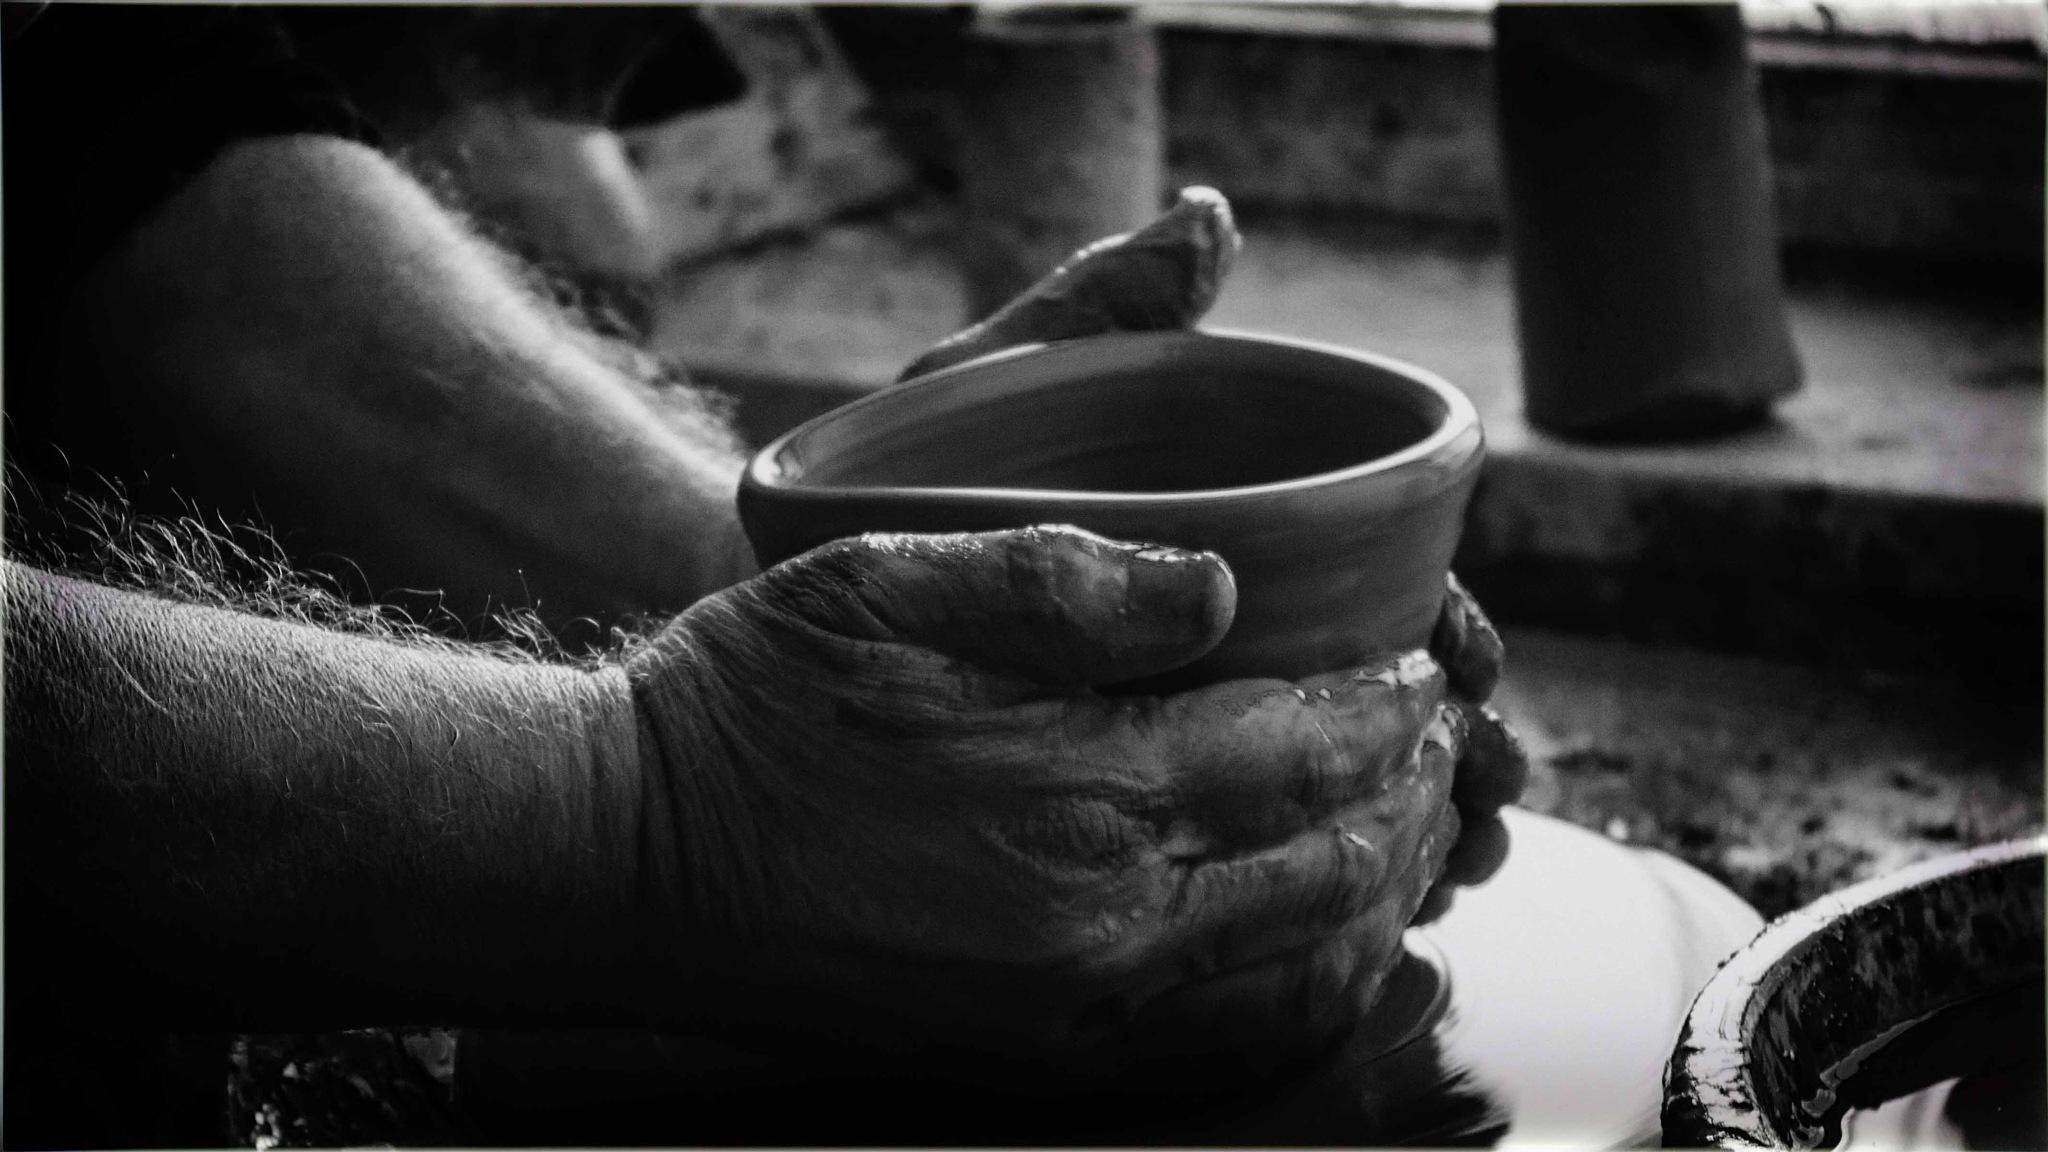 Hand Made Pottery by Salvatore Bertolino